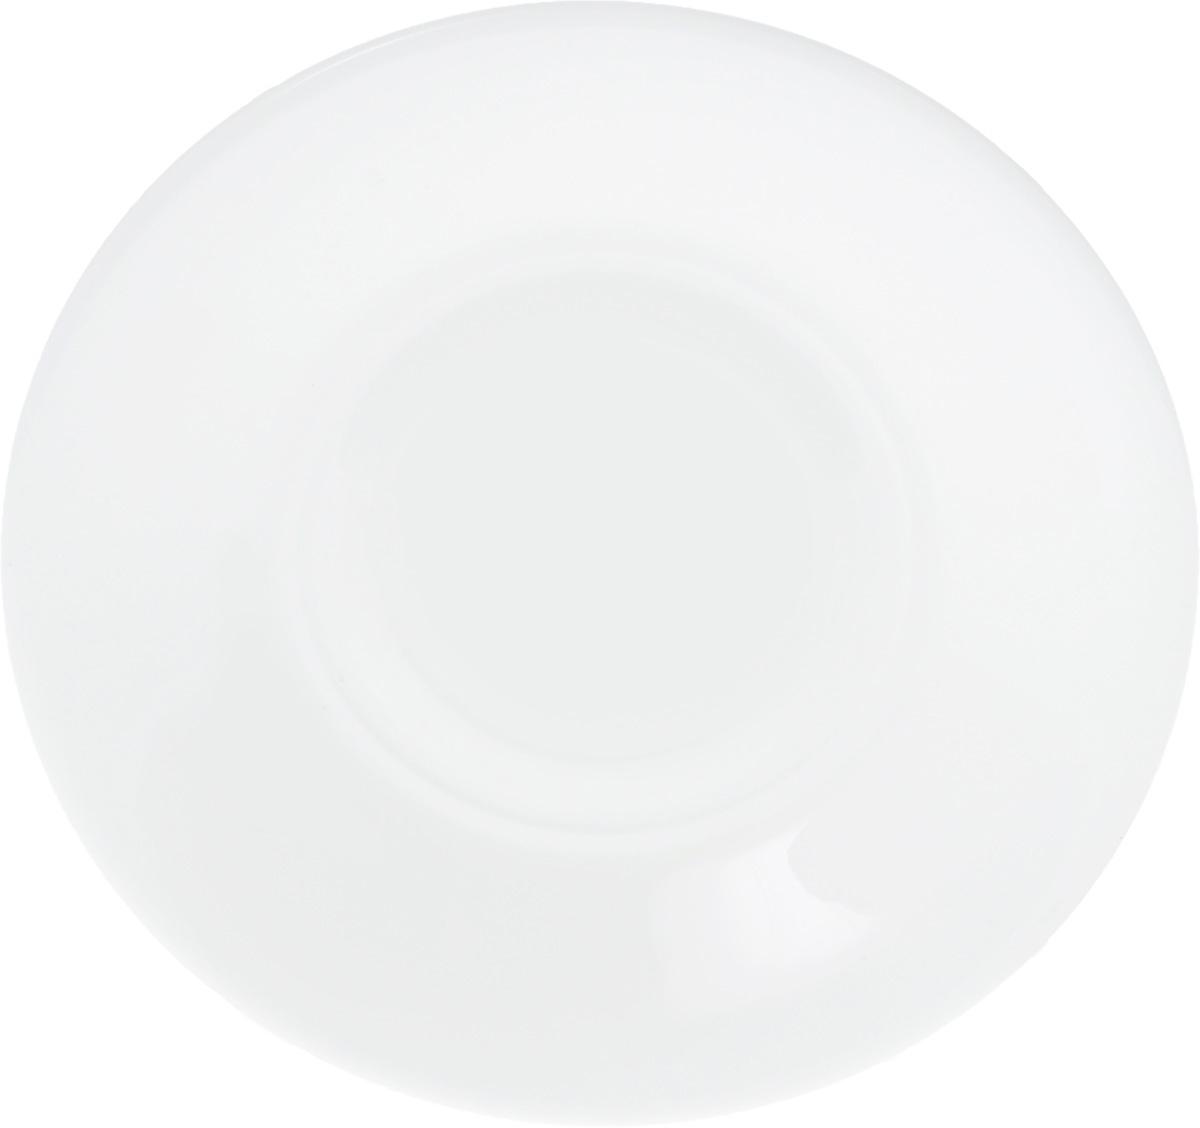 Блюдце Wilmax, диаметр 14 см14903Блюдце Wilmax, изготовленное из высококачественногофарфора, имеет классическую круглую форму. Оригинальныйдизайн придется по вкусу и ценителям классики, и тем, ктопредпочитает утонченность и изысканность.Блюдце Wilmax идеально подойдет для сервировки стола истанет отличным подарком к любому празднику.